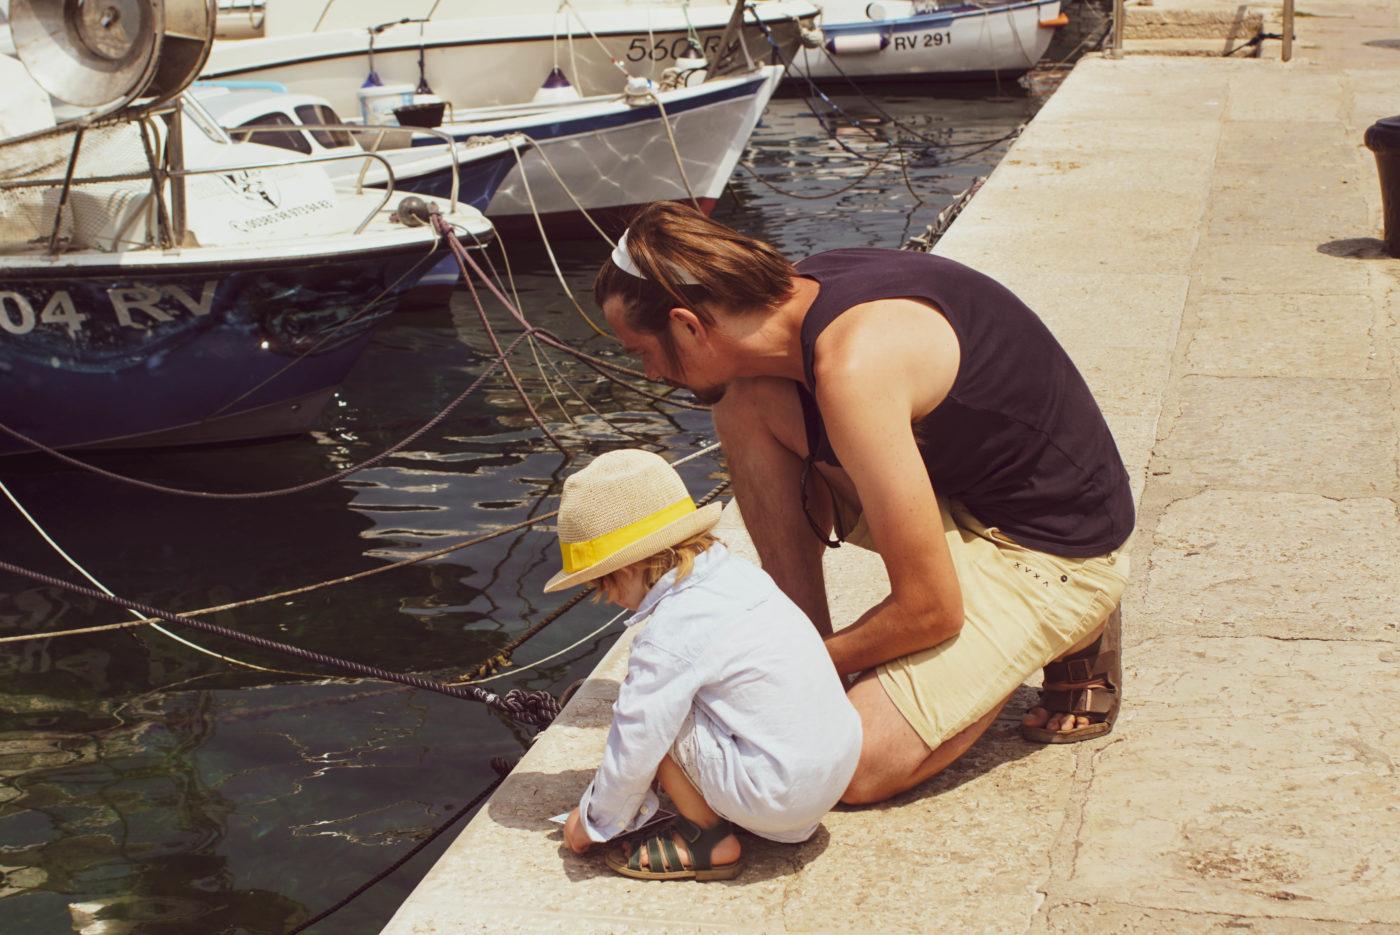 Paul und Luk hocken an der Hafenkante und betrachten Fische im kristallklarem Wasser. Im Hintergrundsind kleine Motorboote zu sehen.